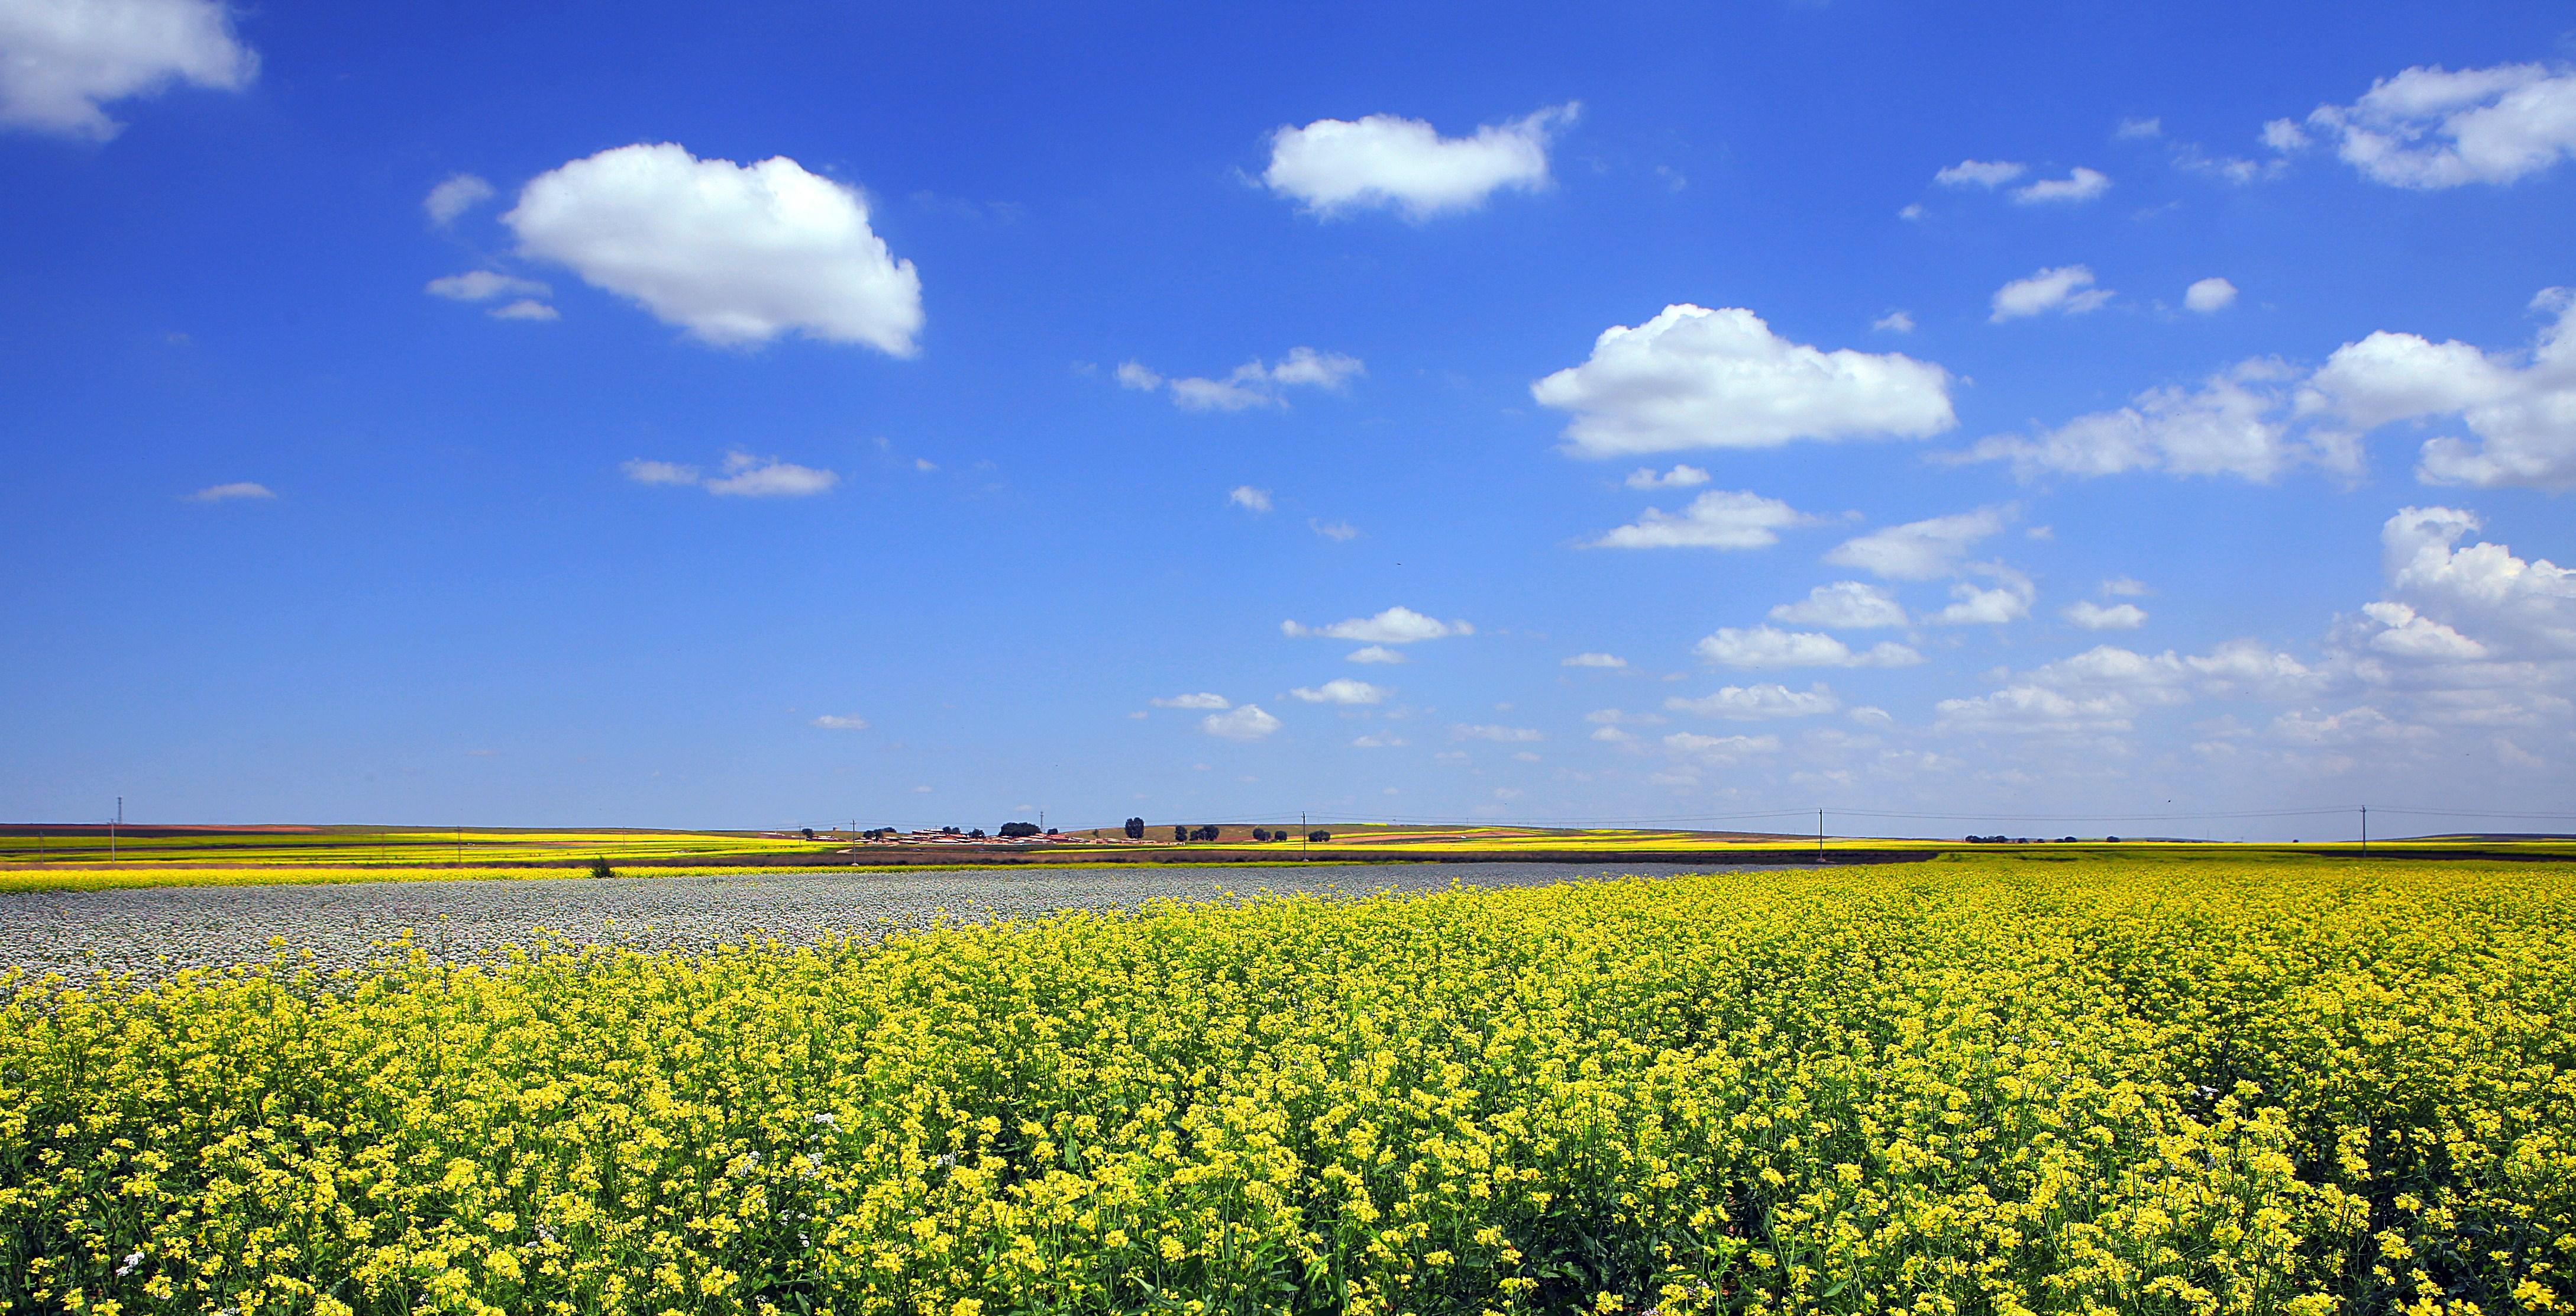 壁纸 草原 成片种植 风景 植物 种植基地 桌面 4355_2224